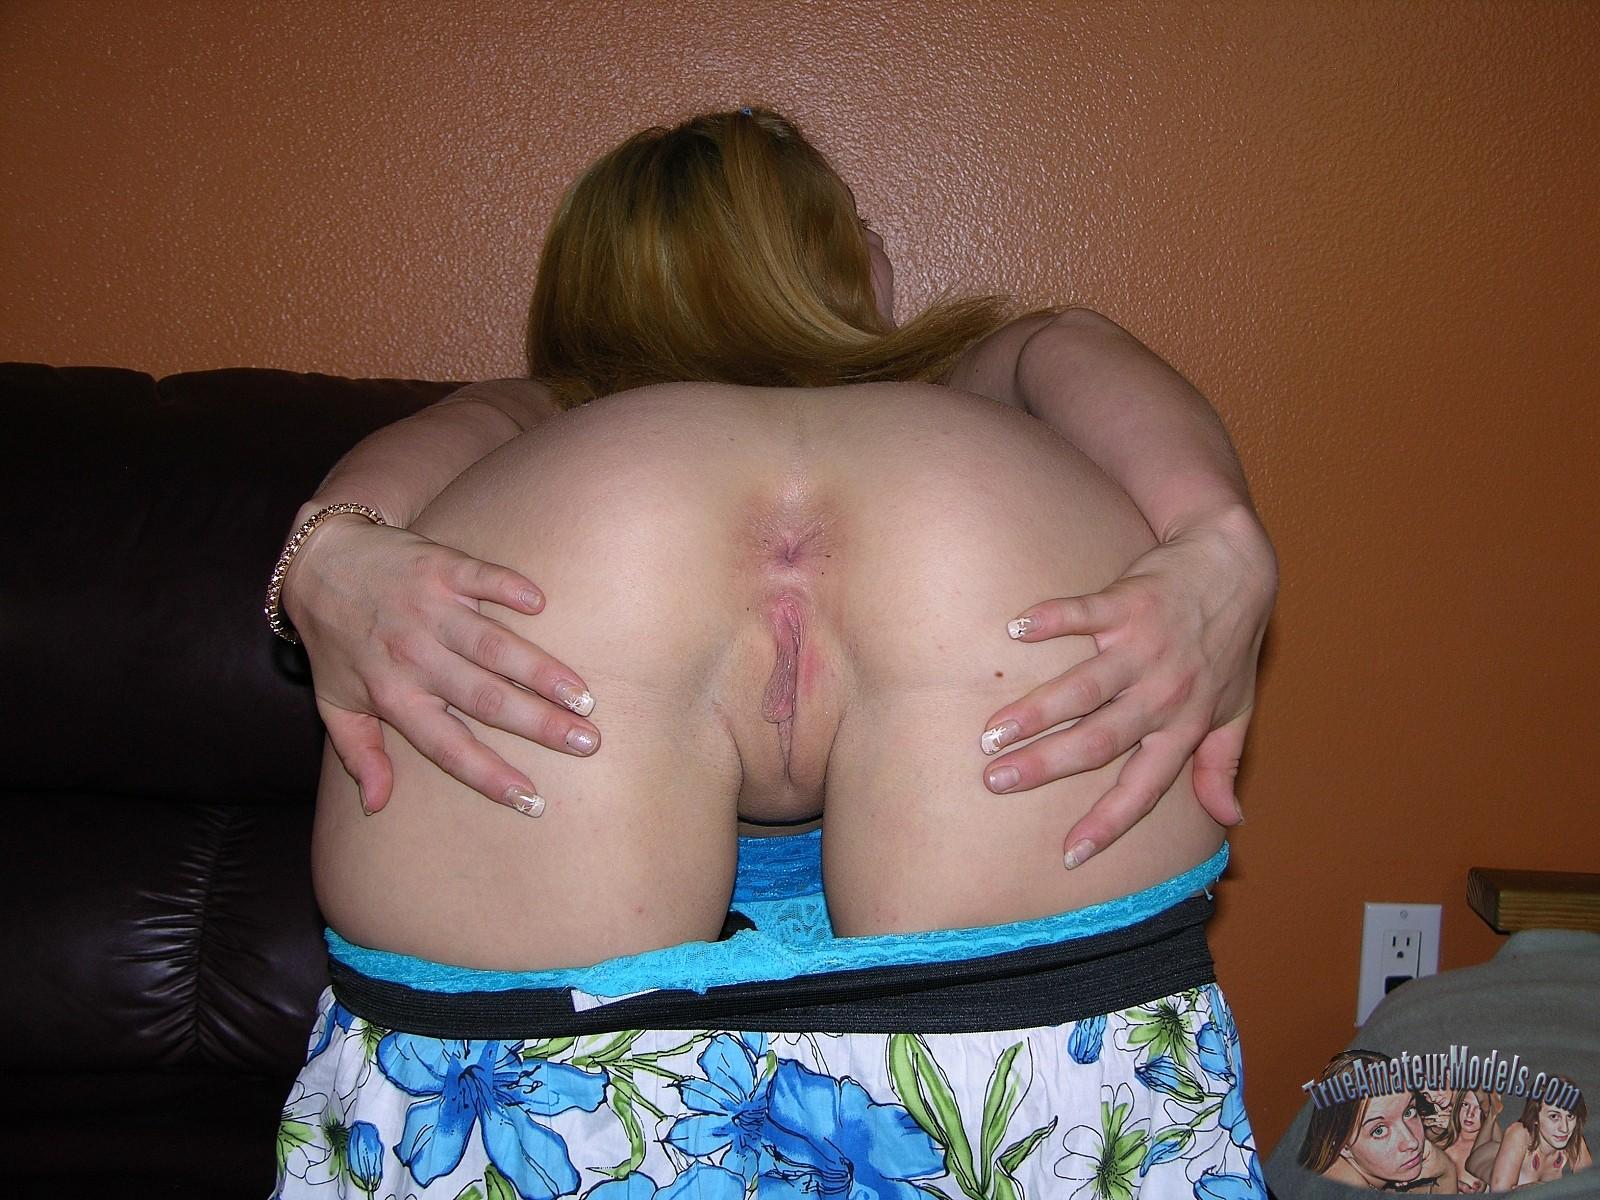 mooning spread ass cheeks